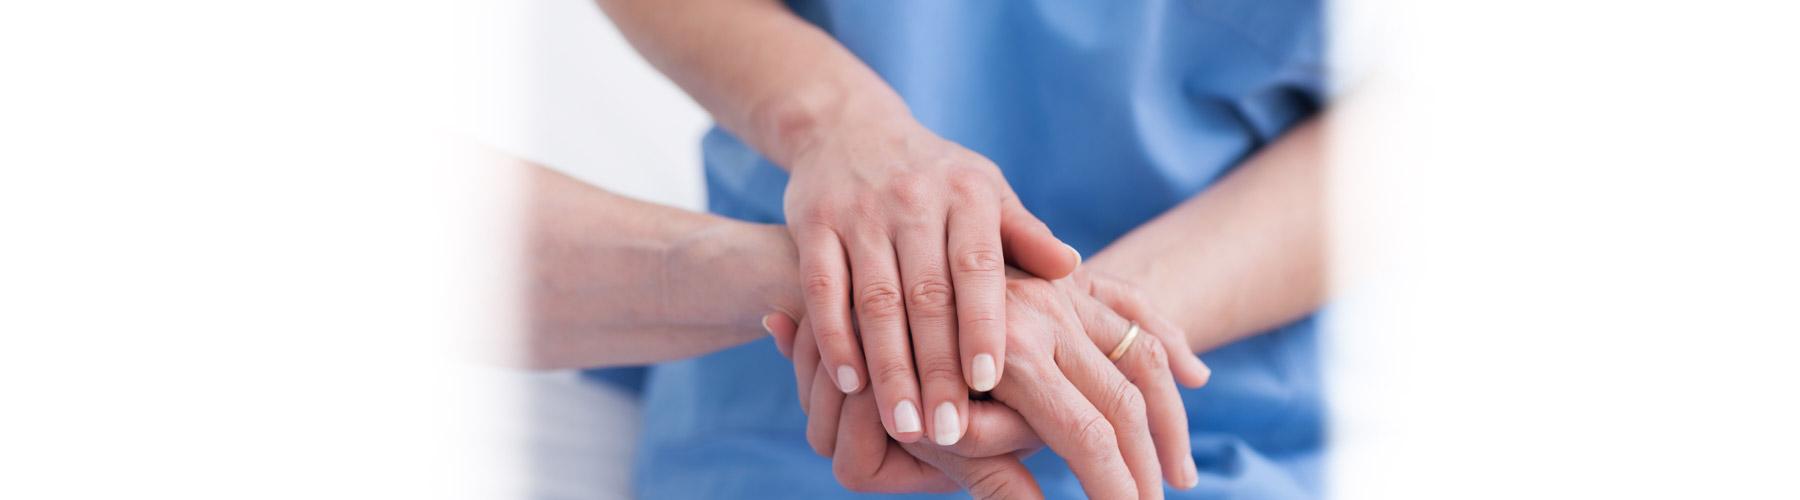 Máster en Gestión y Liderazgo en Cuidados de Enfermería